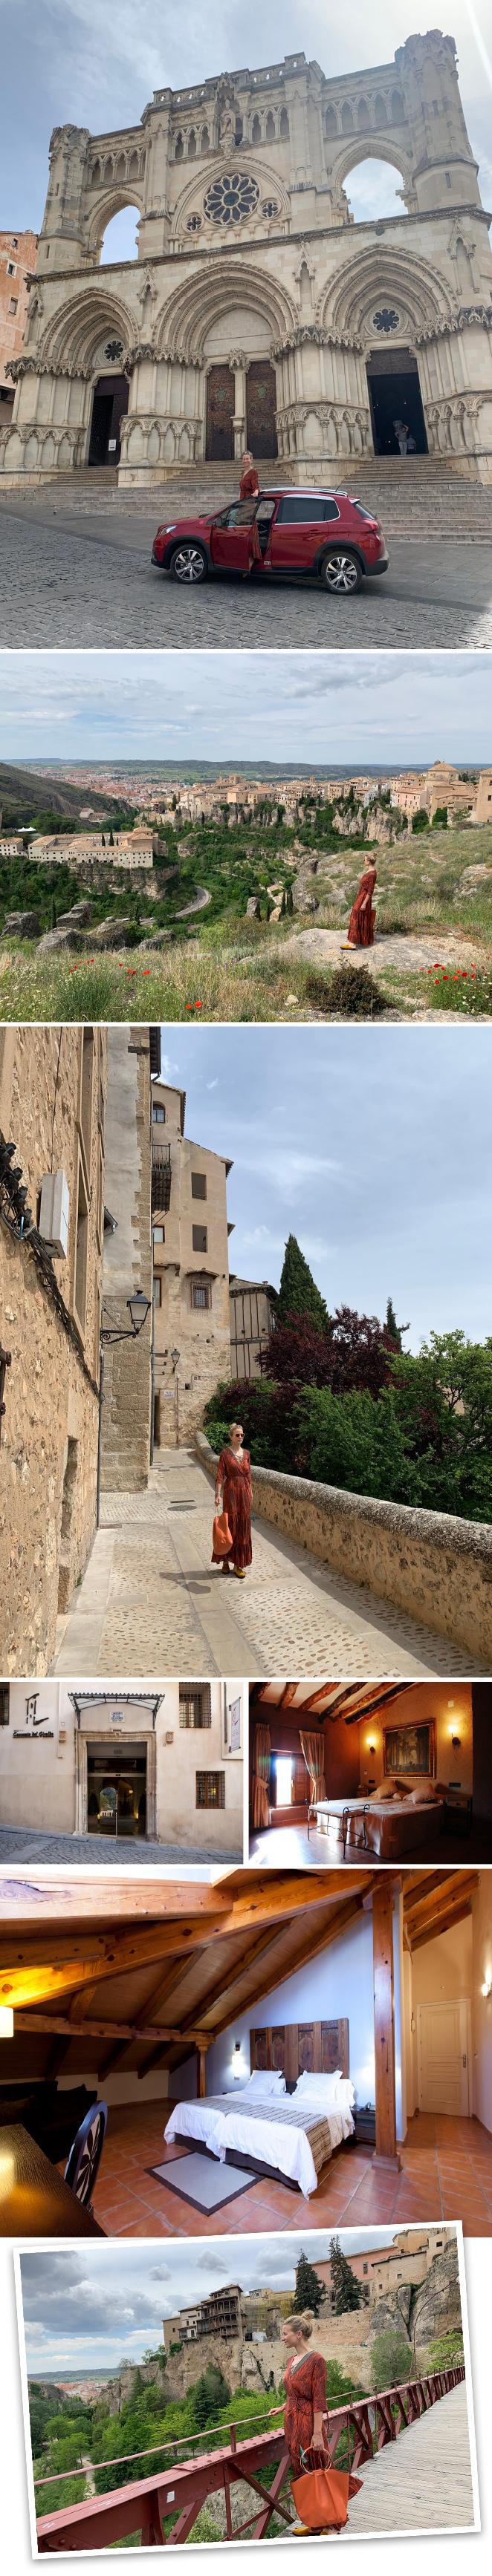 El Hotel Convento del Giraldo en Cuenca. Un hotel con mucho encanto ubicado en pleno caso histórico de Cuenca (su edificio es del XVII) y con preciosas vistas sobre la Hoz del Huécar.